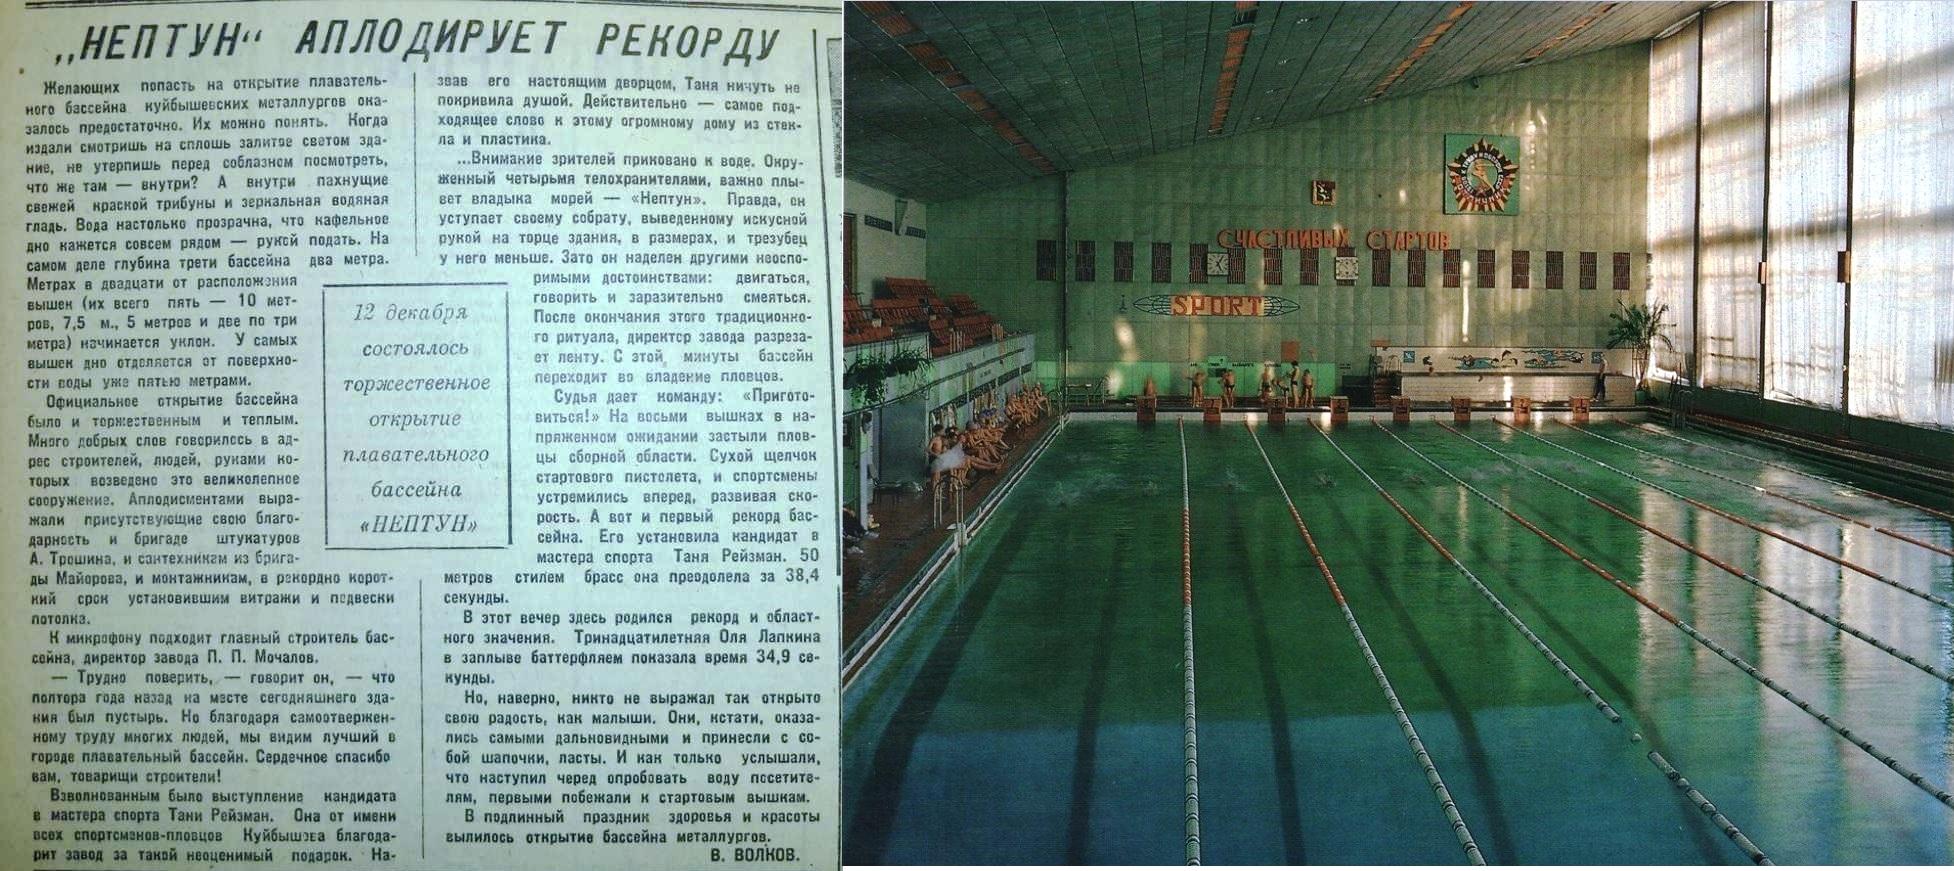 Строителей-ФОТО-31-Рабочий-1967-15 декабря-2